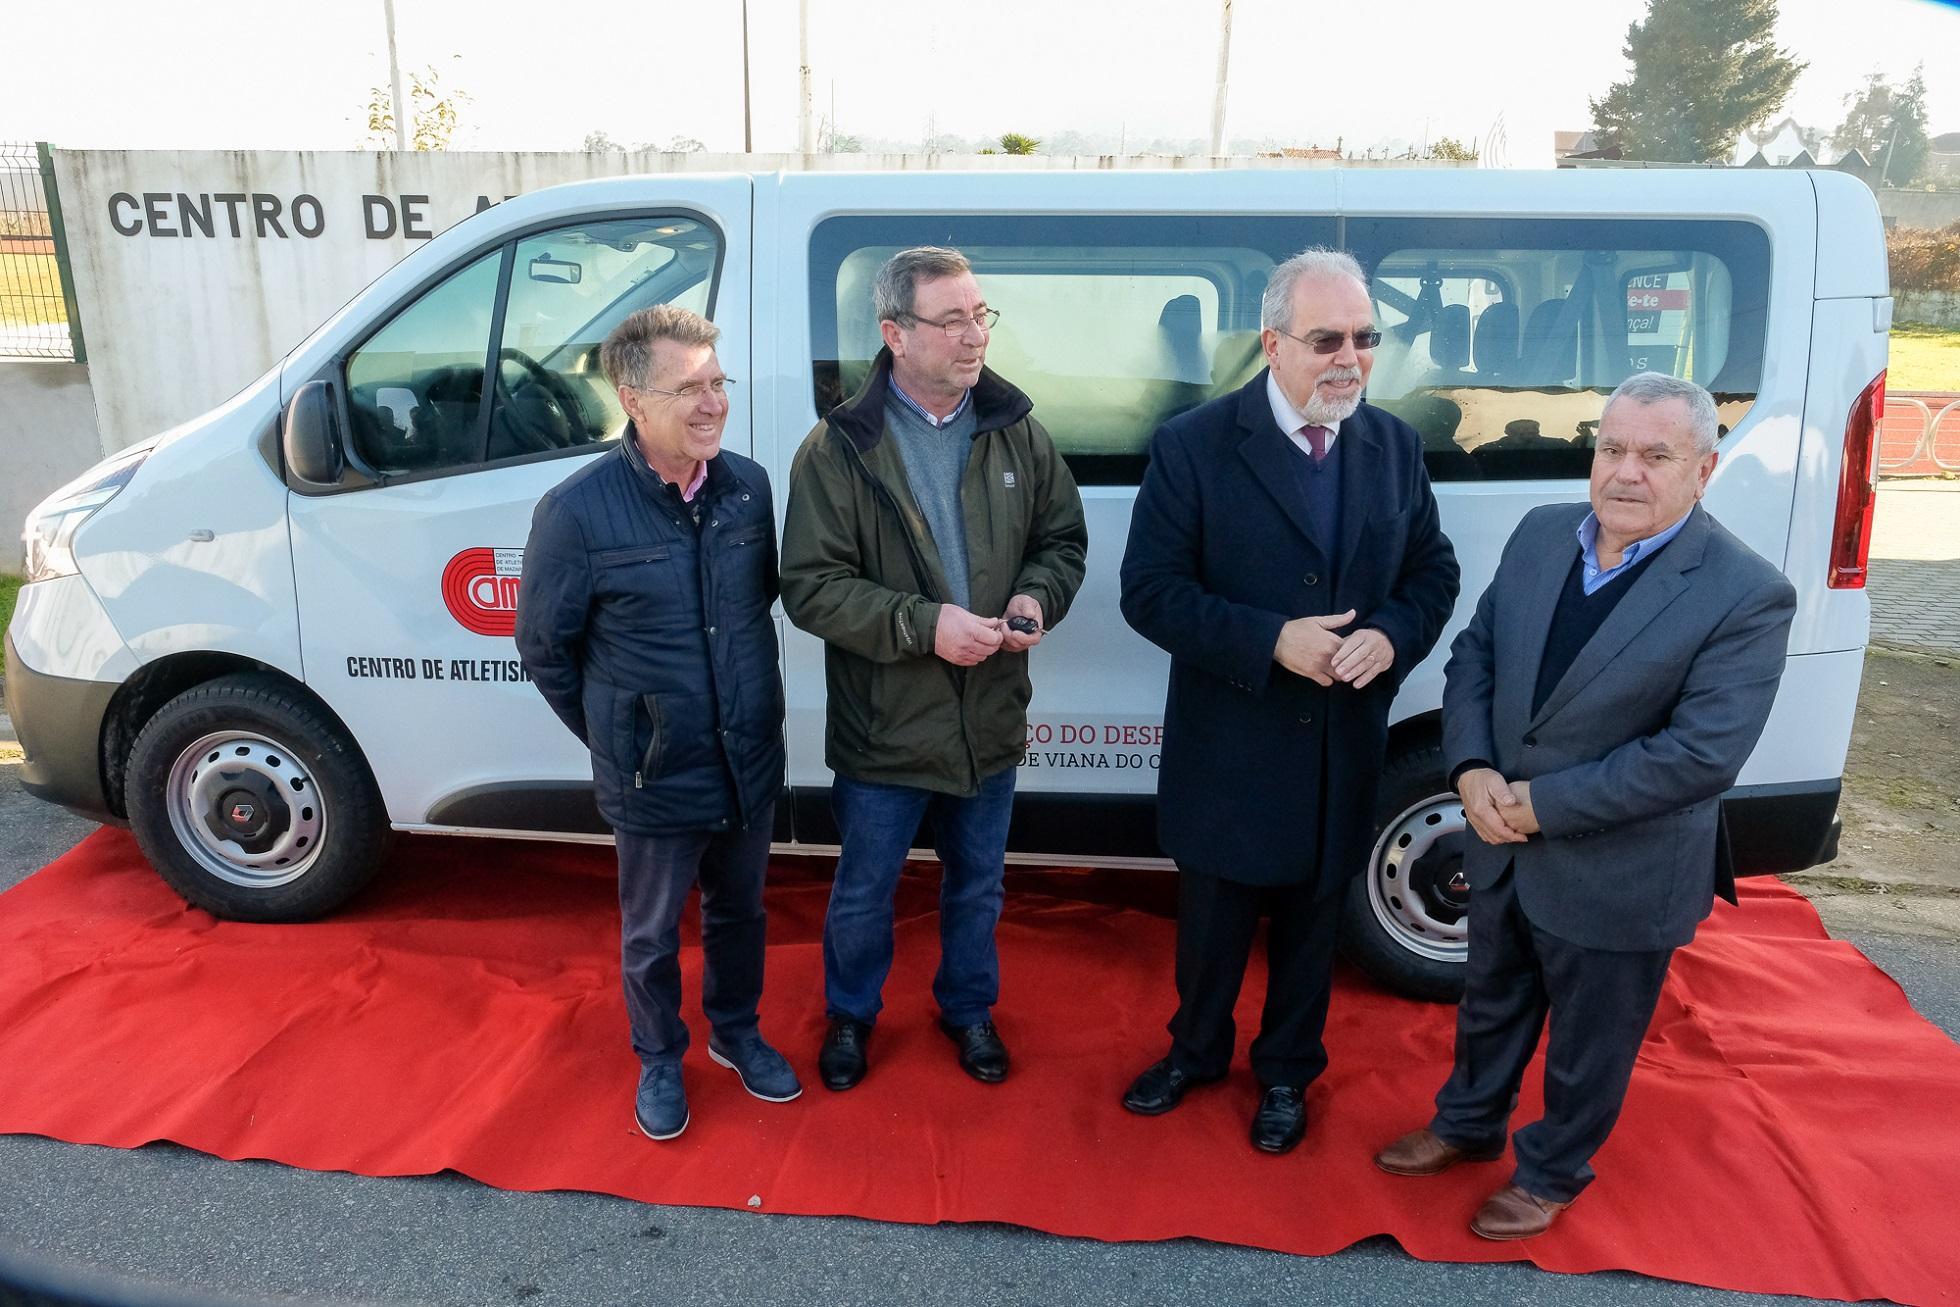 Câmara de Viana compra carrinha de 9 lugares para o Centro de Atletismo de Mazarefes